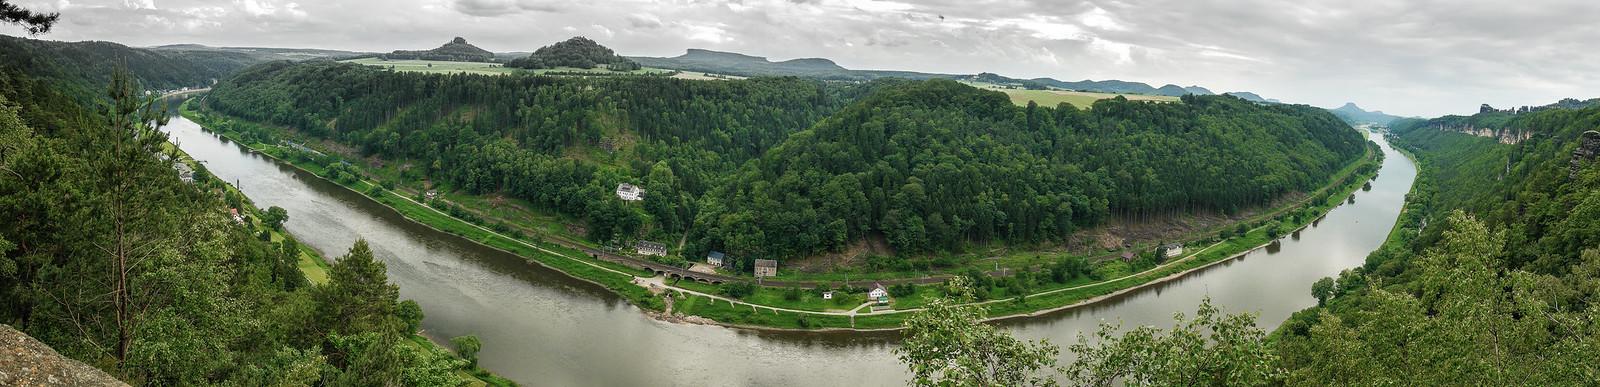 Elbe mit Landschaft